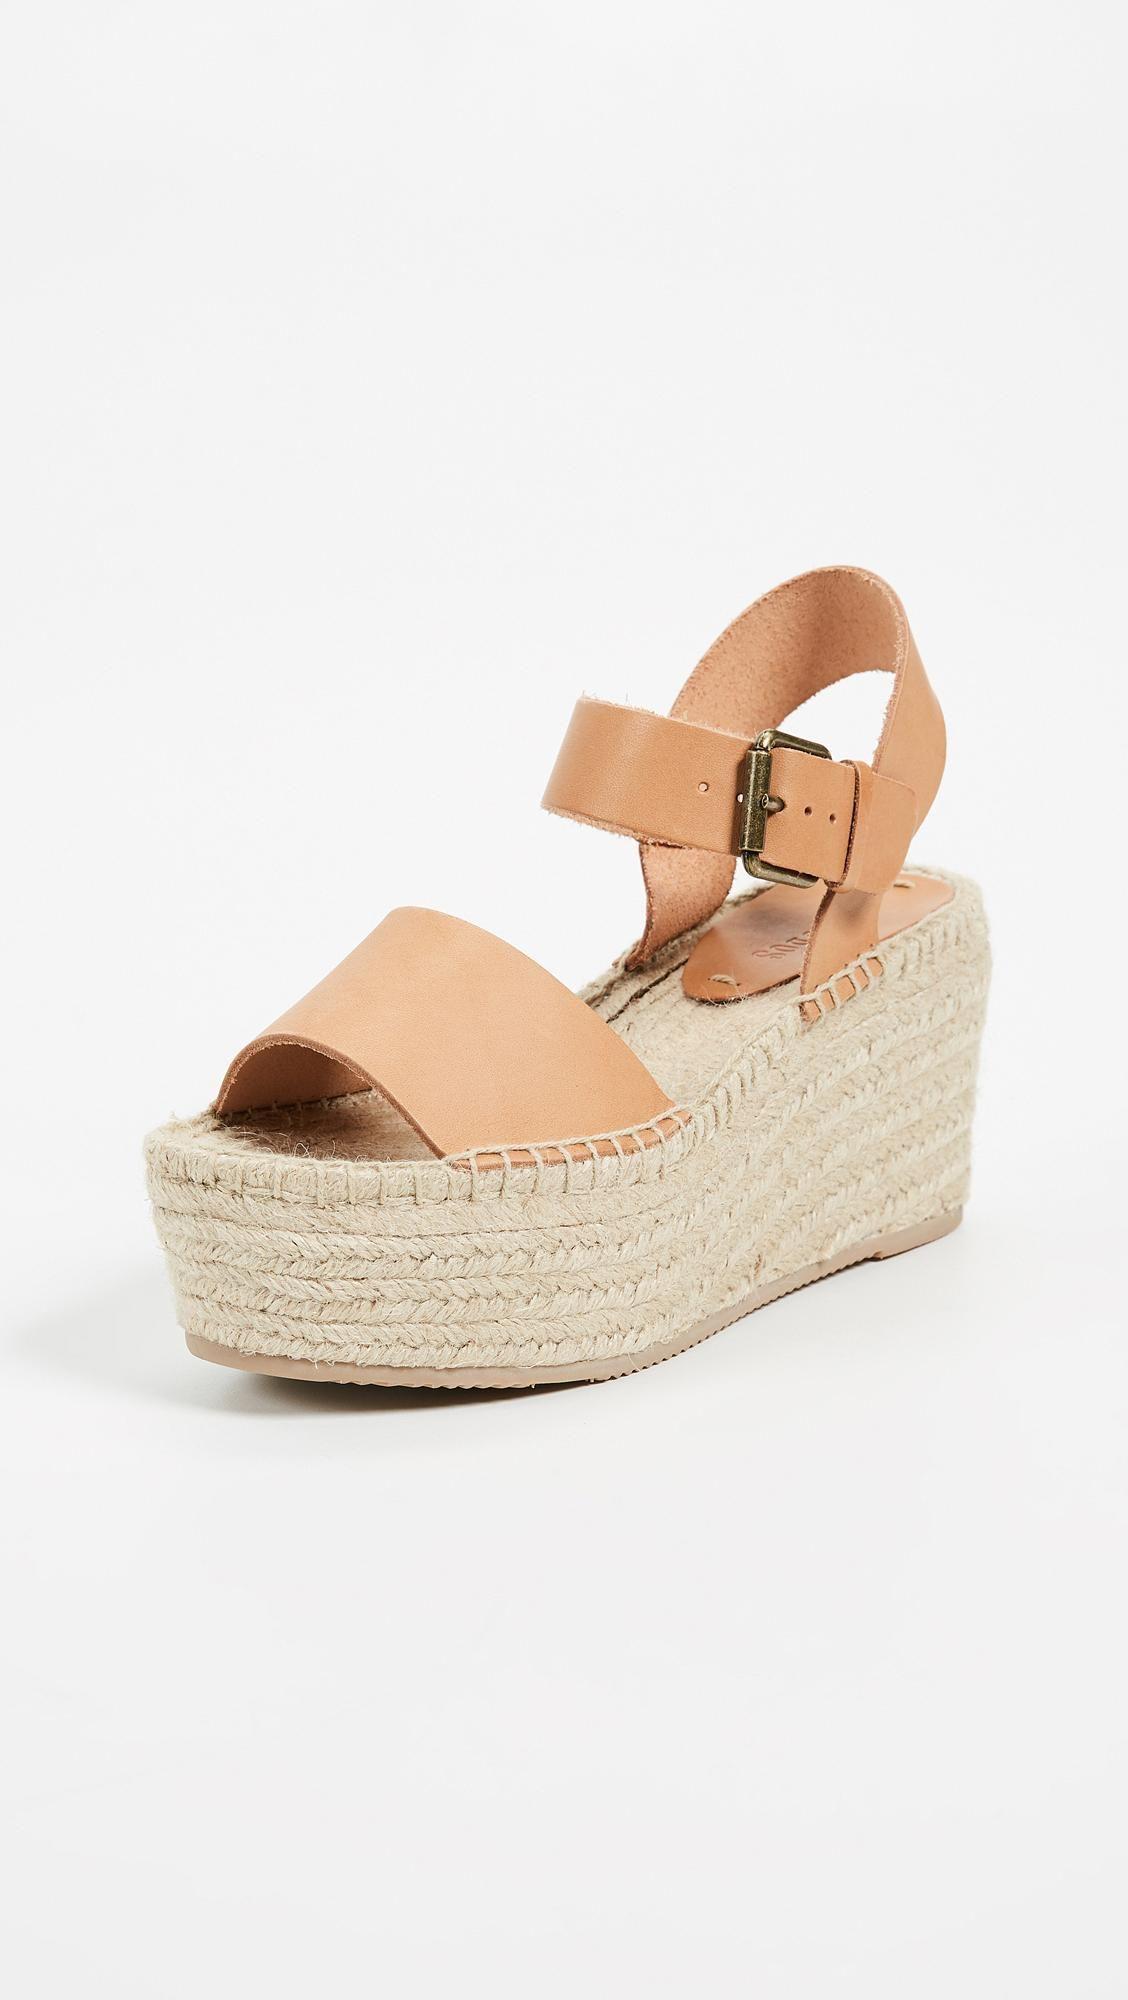 e293eafb413 Platform Sandals Red Platform Sandals Glitter  shoewhore  shoemaking   platformsandals